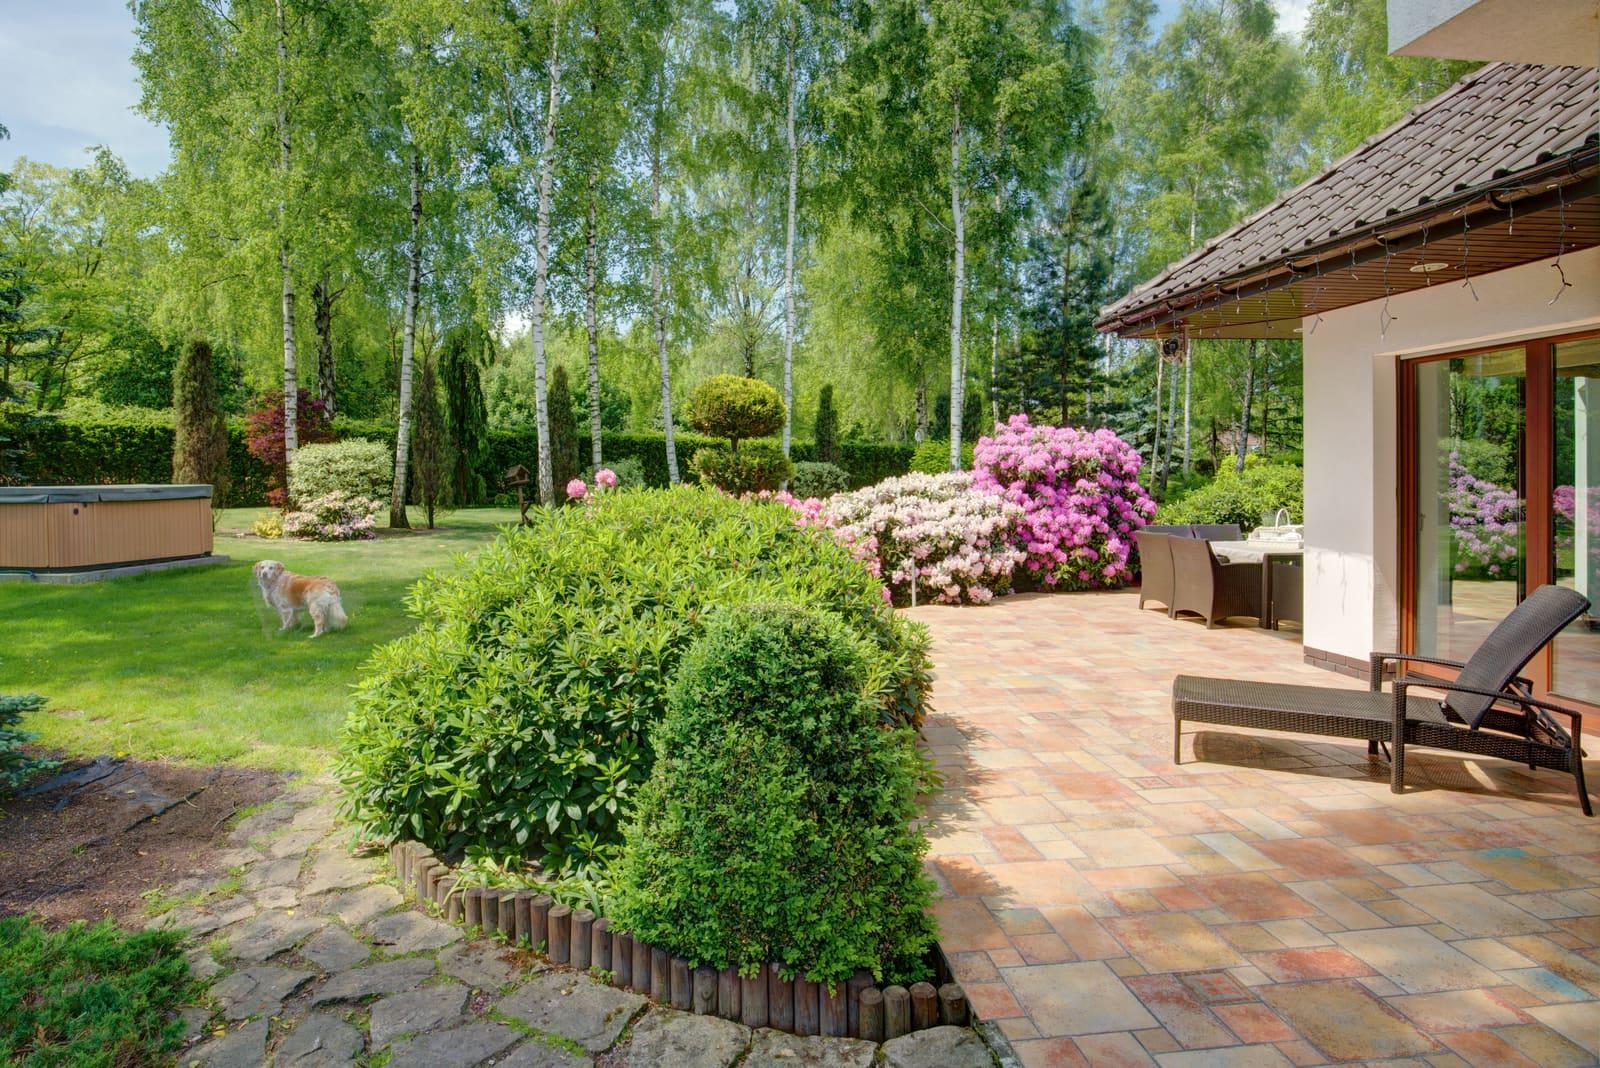 Nid'Dom : Mon jardin entretenue toute l'année à Anglet Bayonne, Biarritz ......